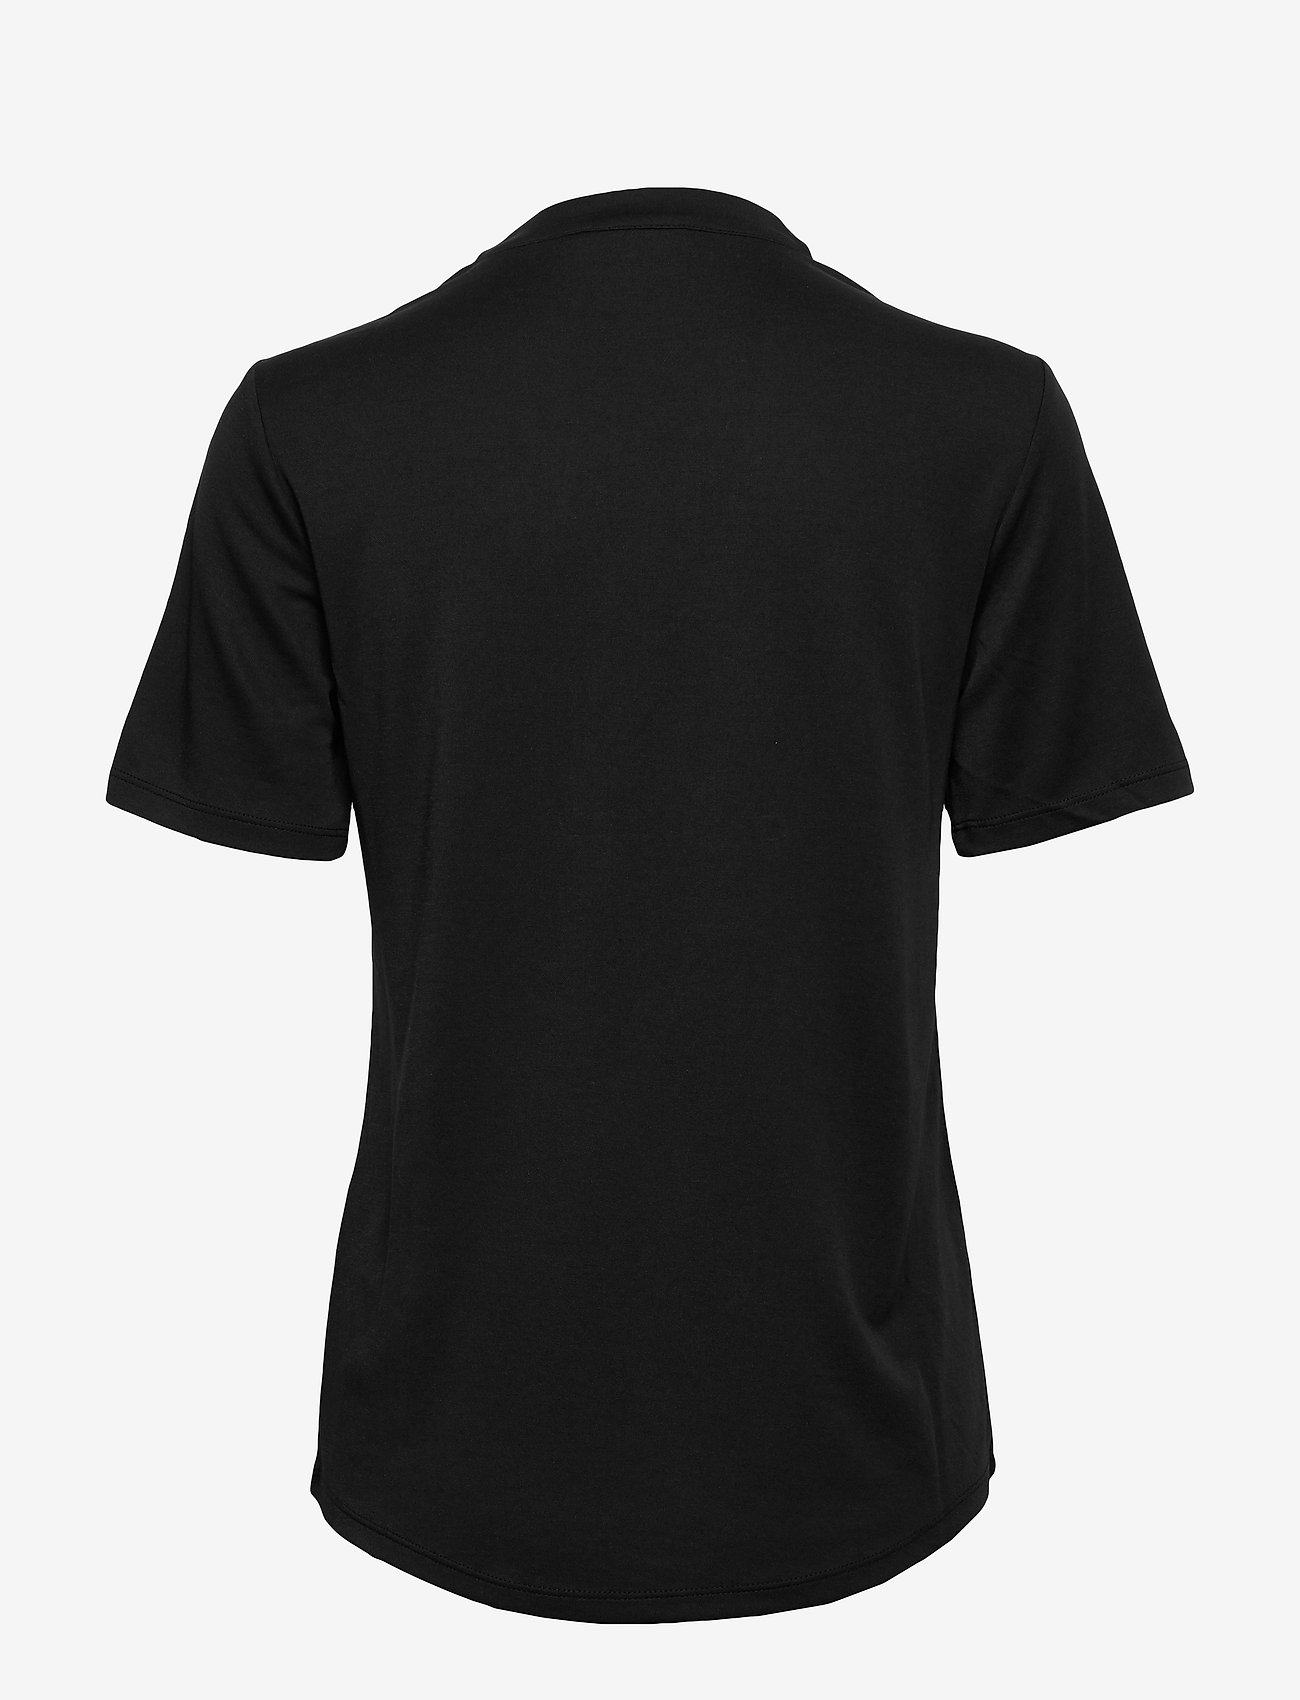 FREE/QUENT - FQYR-SS-BL - t-shirts - black - 1